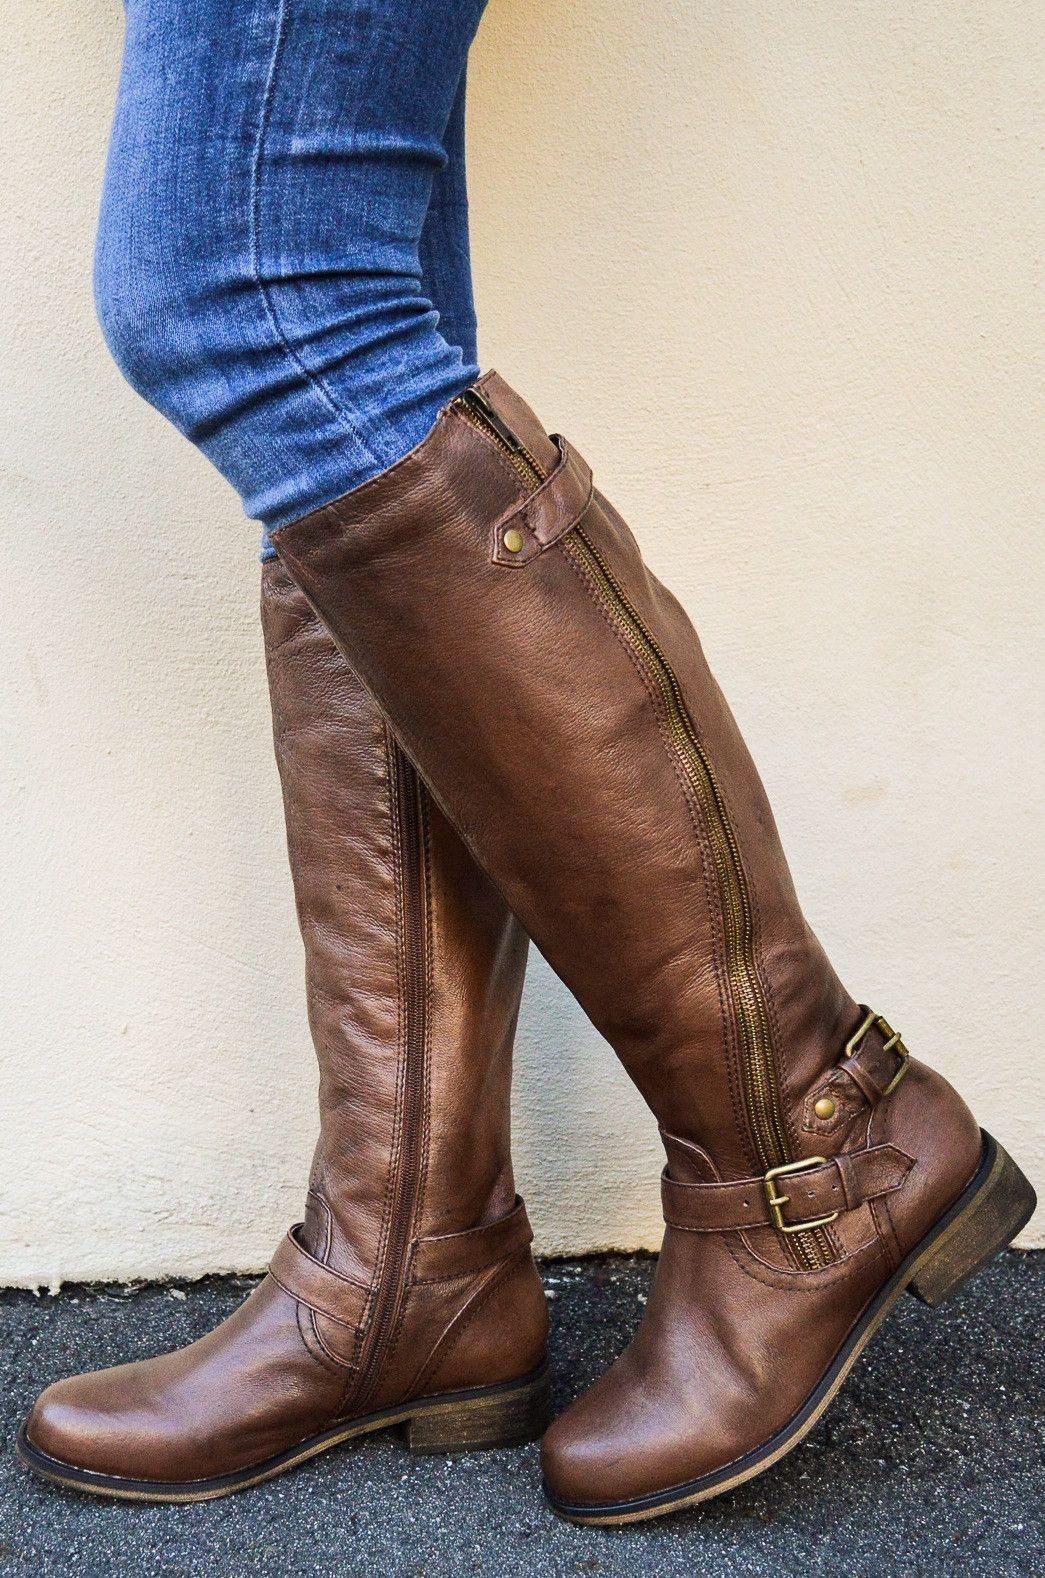 Cámara Torneado exposición  Pin on Boots